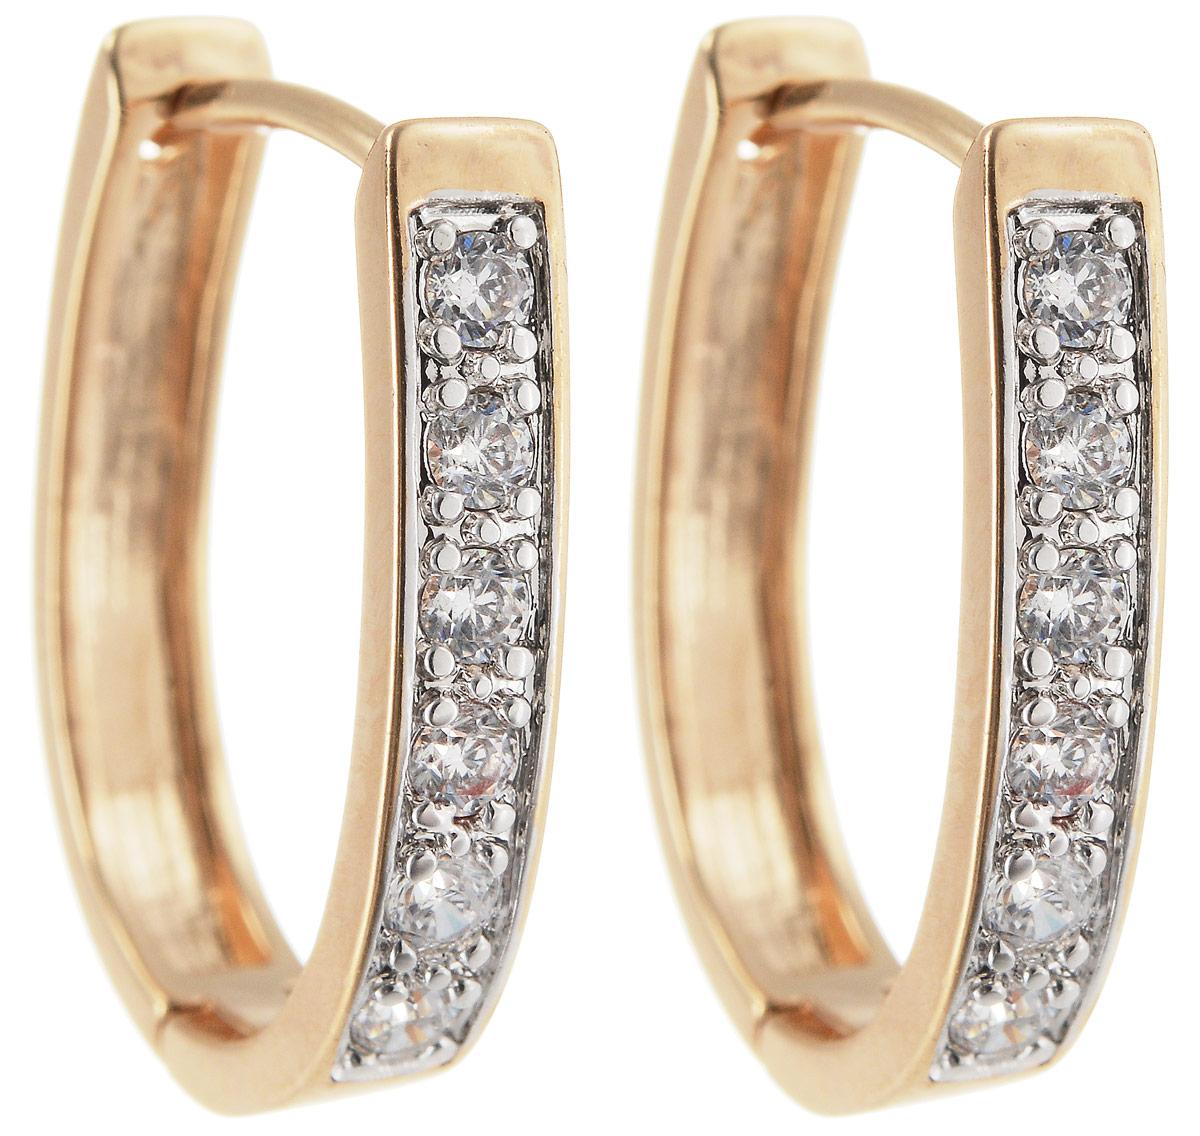 Серьги Taya, цвет: золотистый. T-B-11989T-B-11989-EARR-GOLDМодные позолоченные серьги Taya имеют французскую застежку омега. Модель оформлена вставками из сверкающих страз.